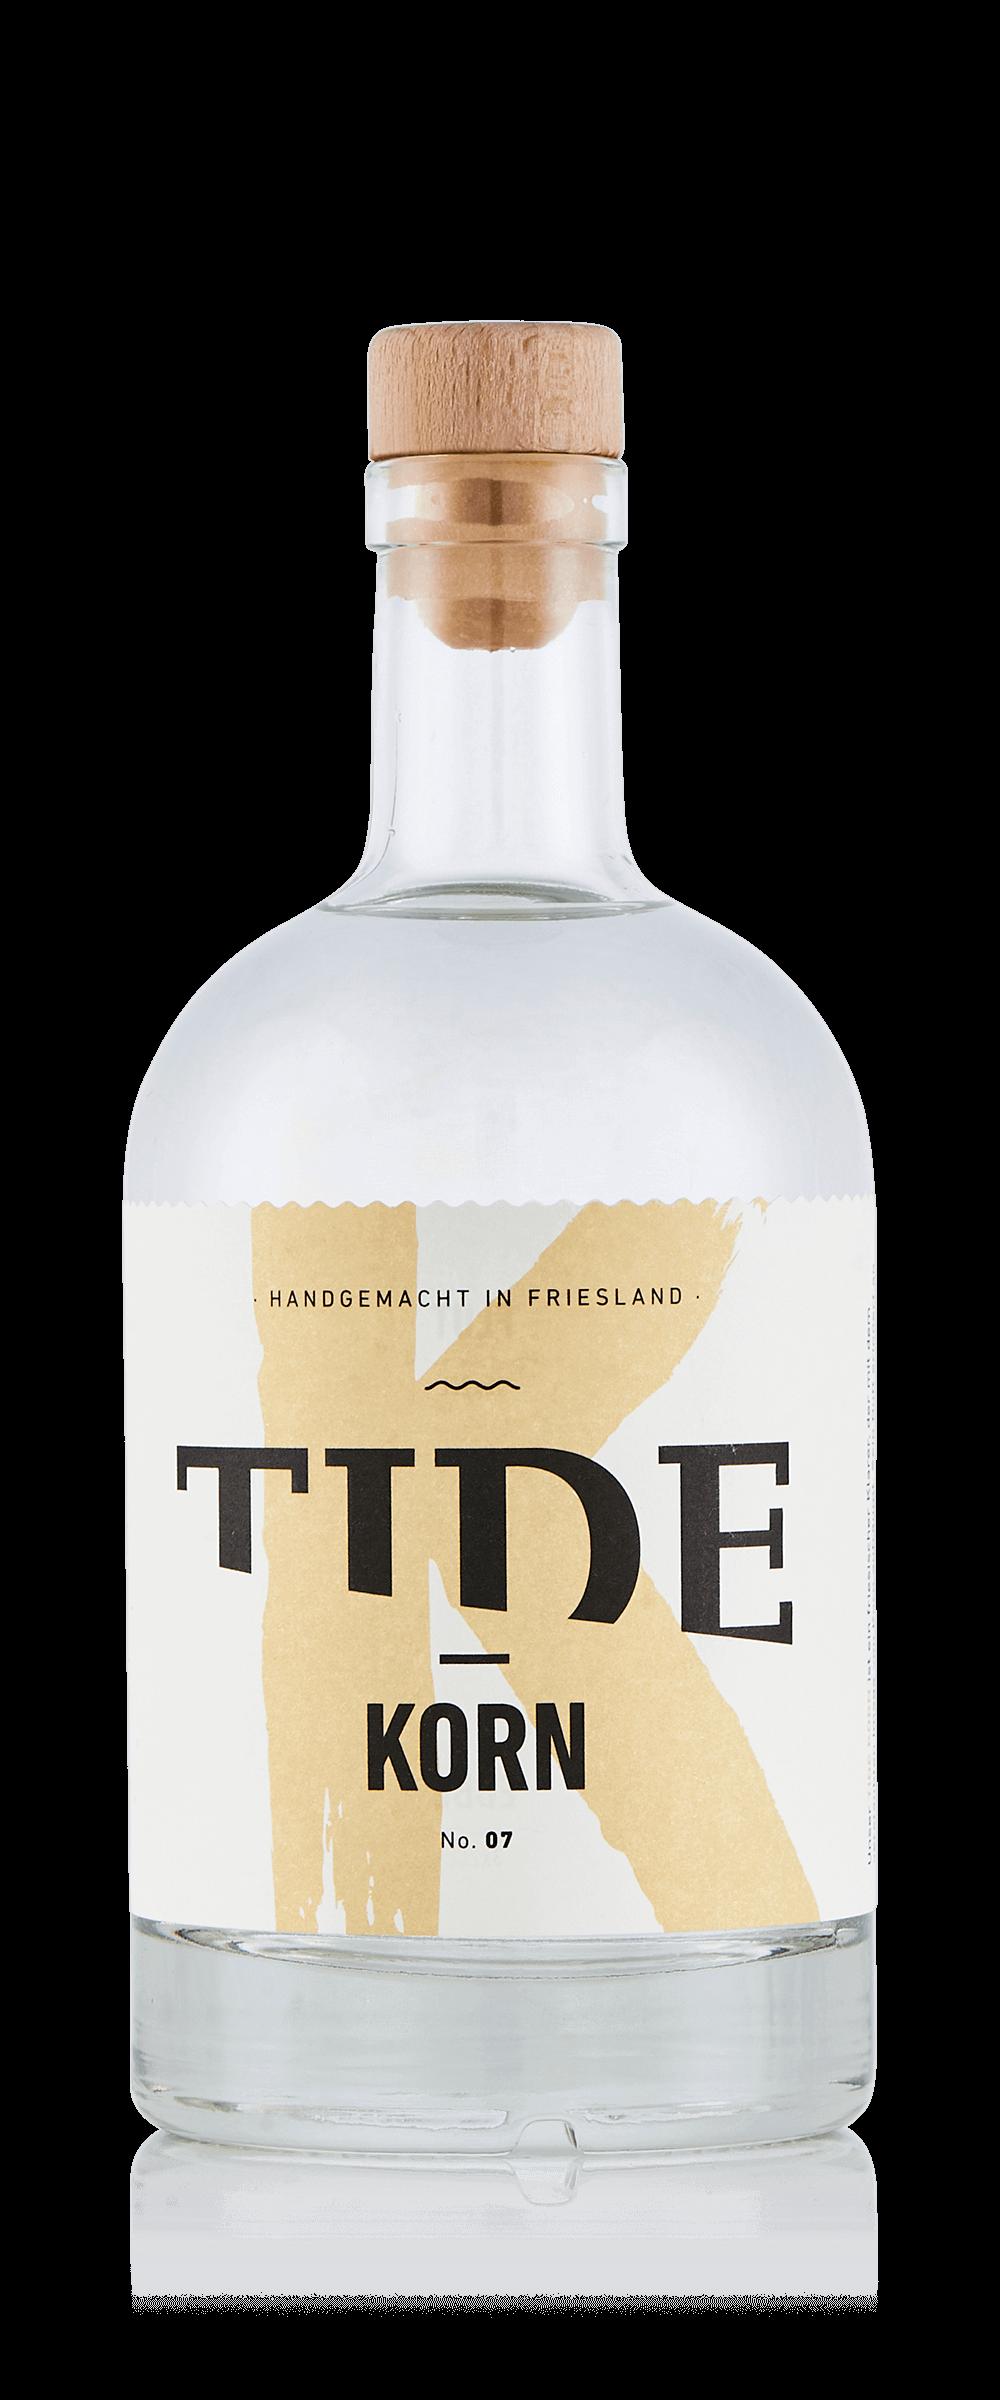 TIDE Korn